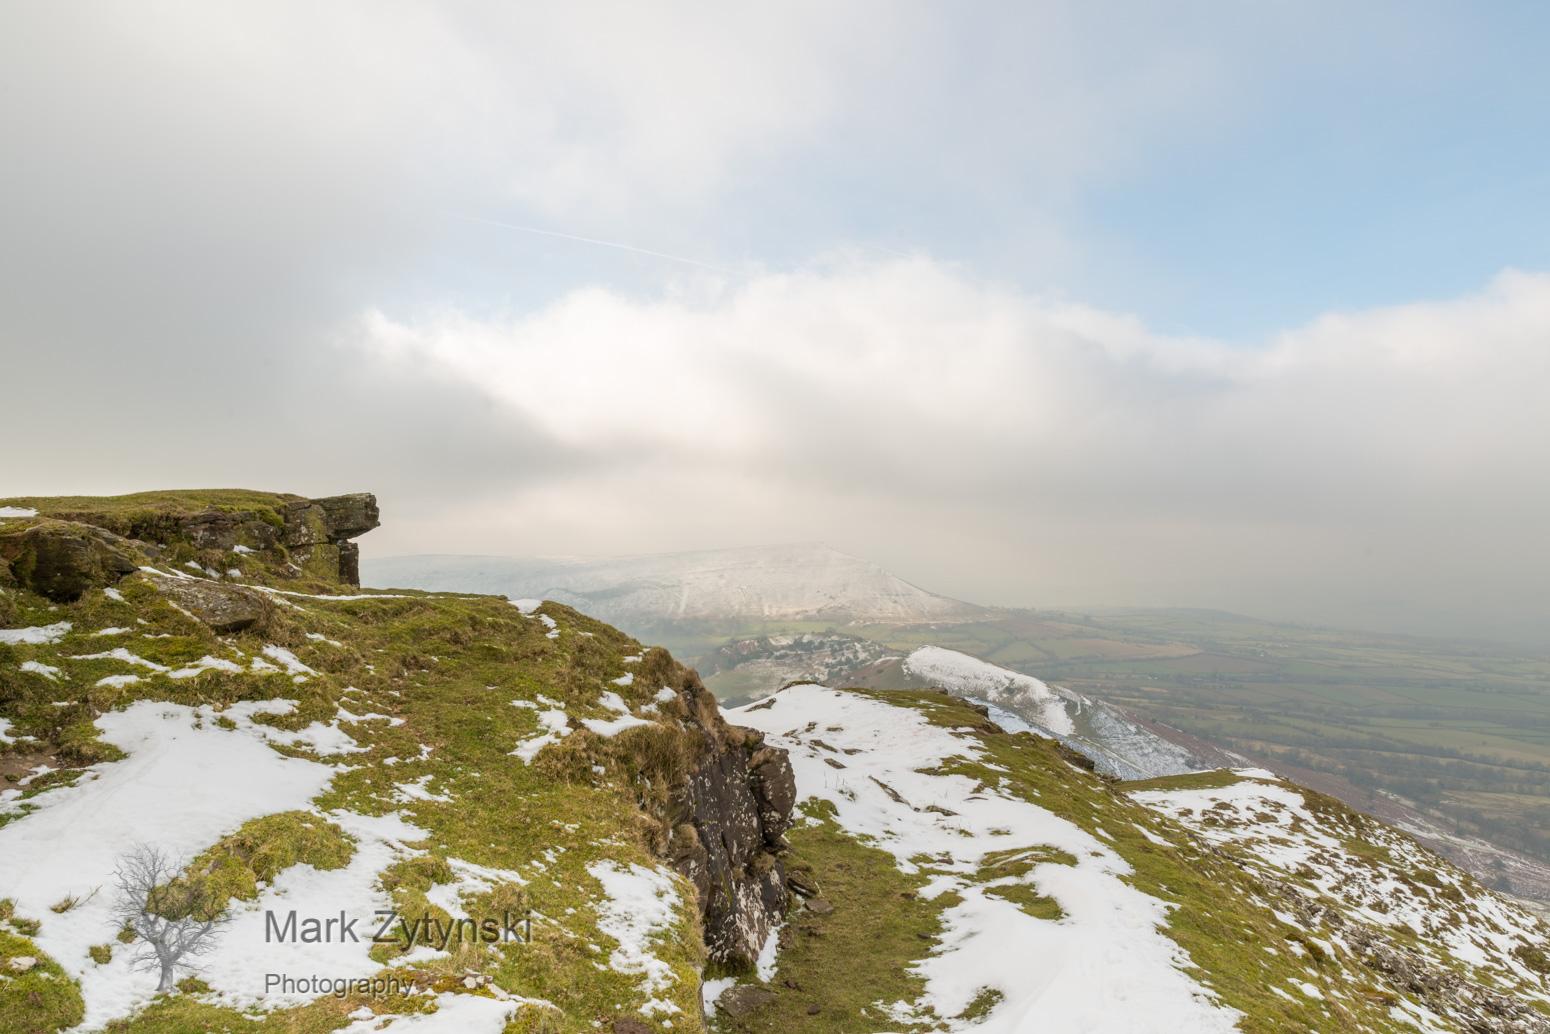 A Winter Walk Blog #2